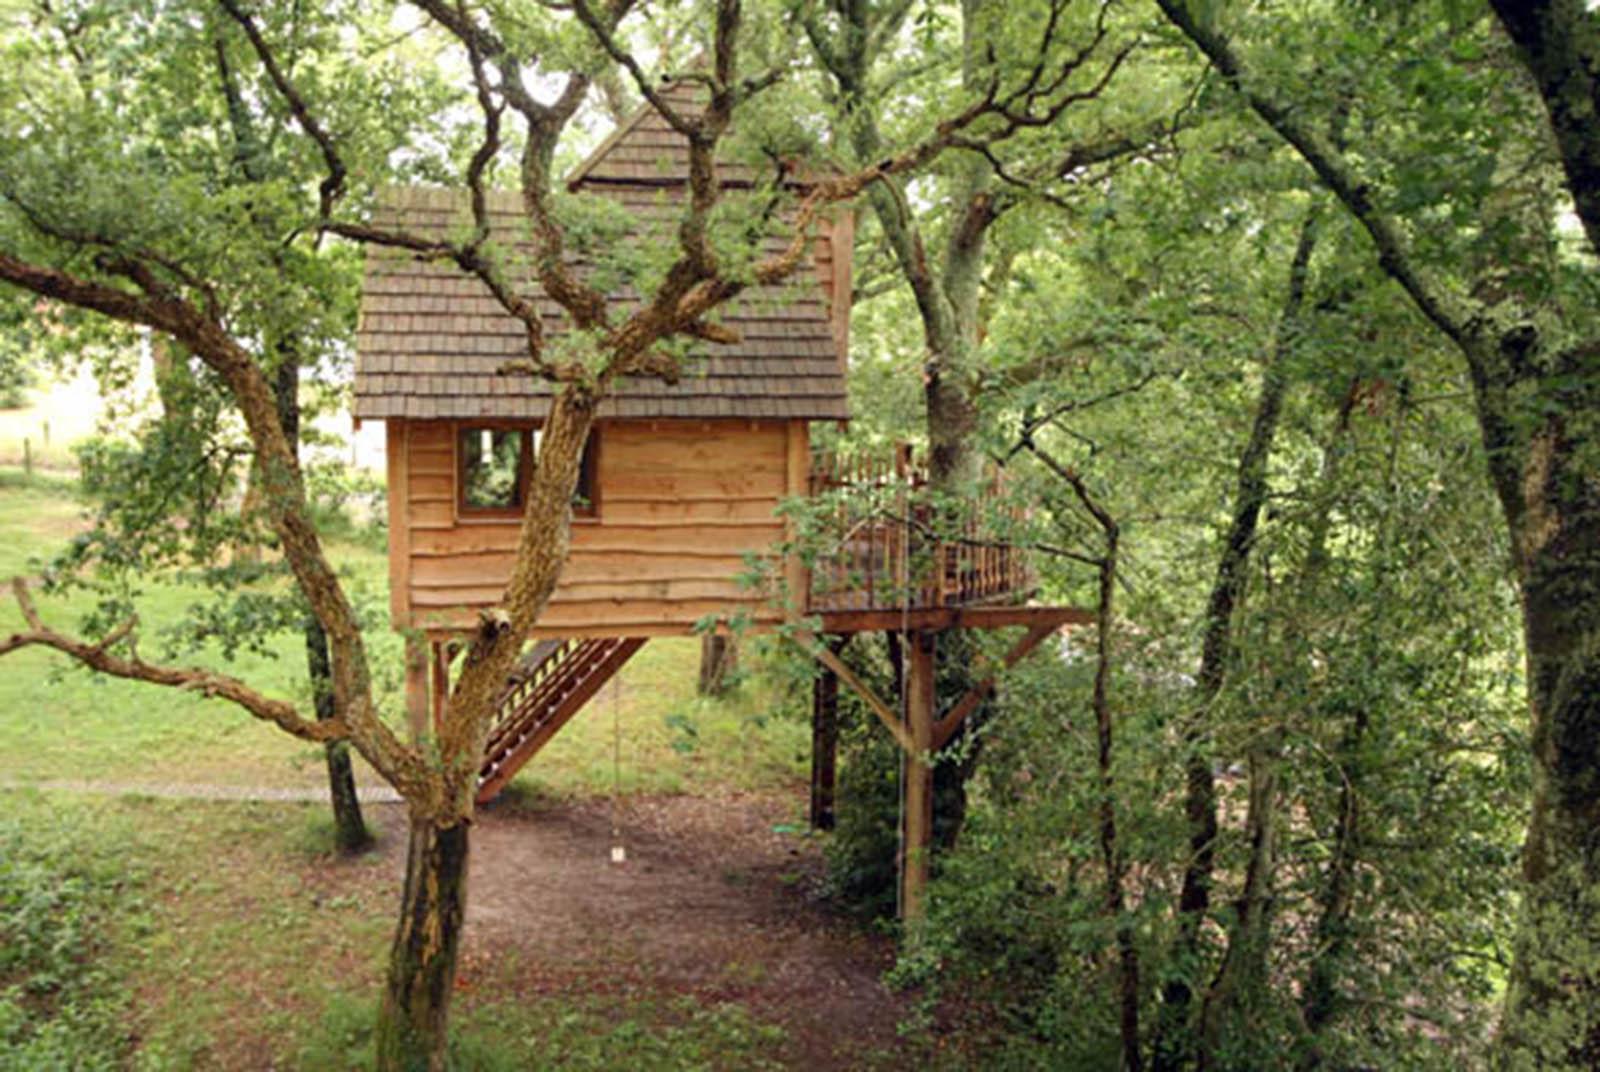 construire une cabane en bois dans les arbres de son. Black Bedroom Furniture Sets. Home Design Ideas